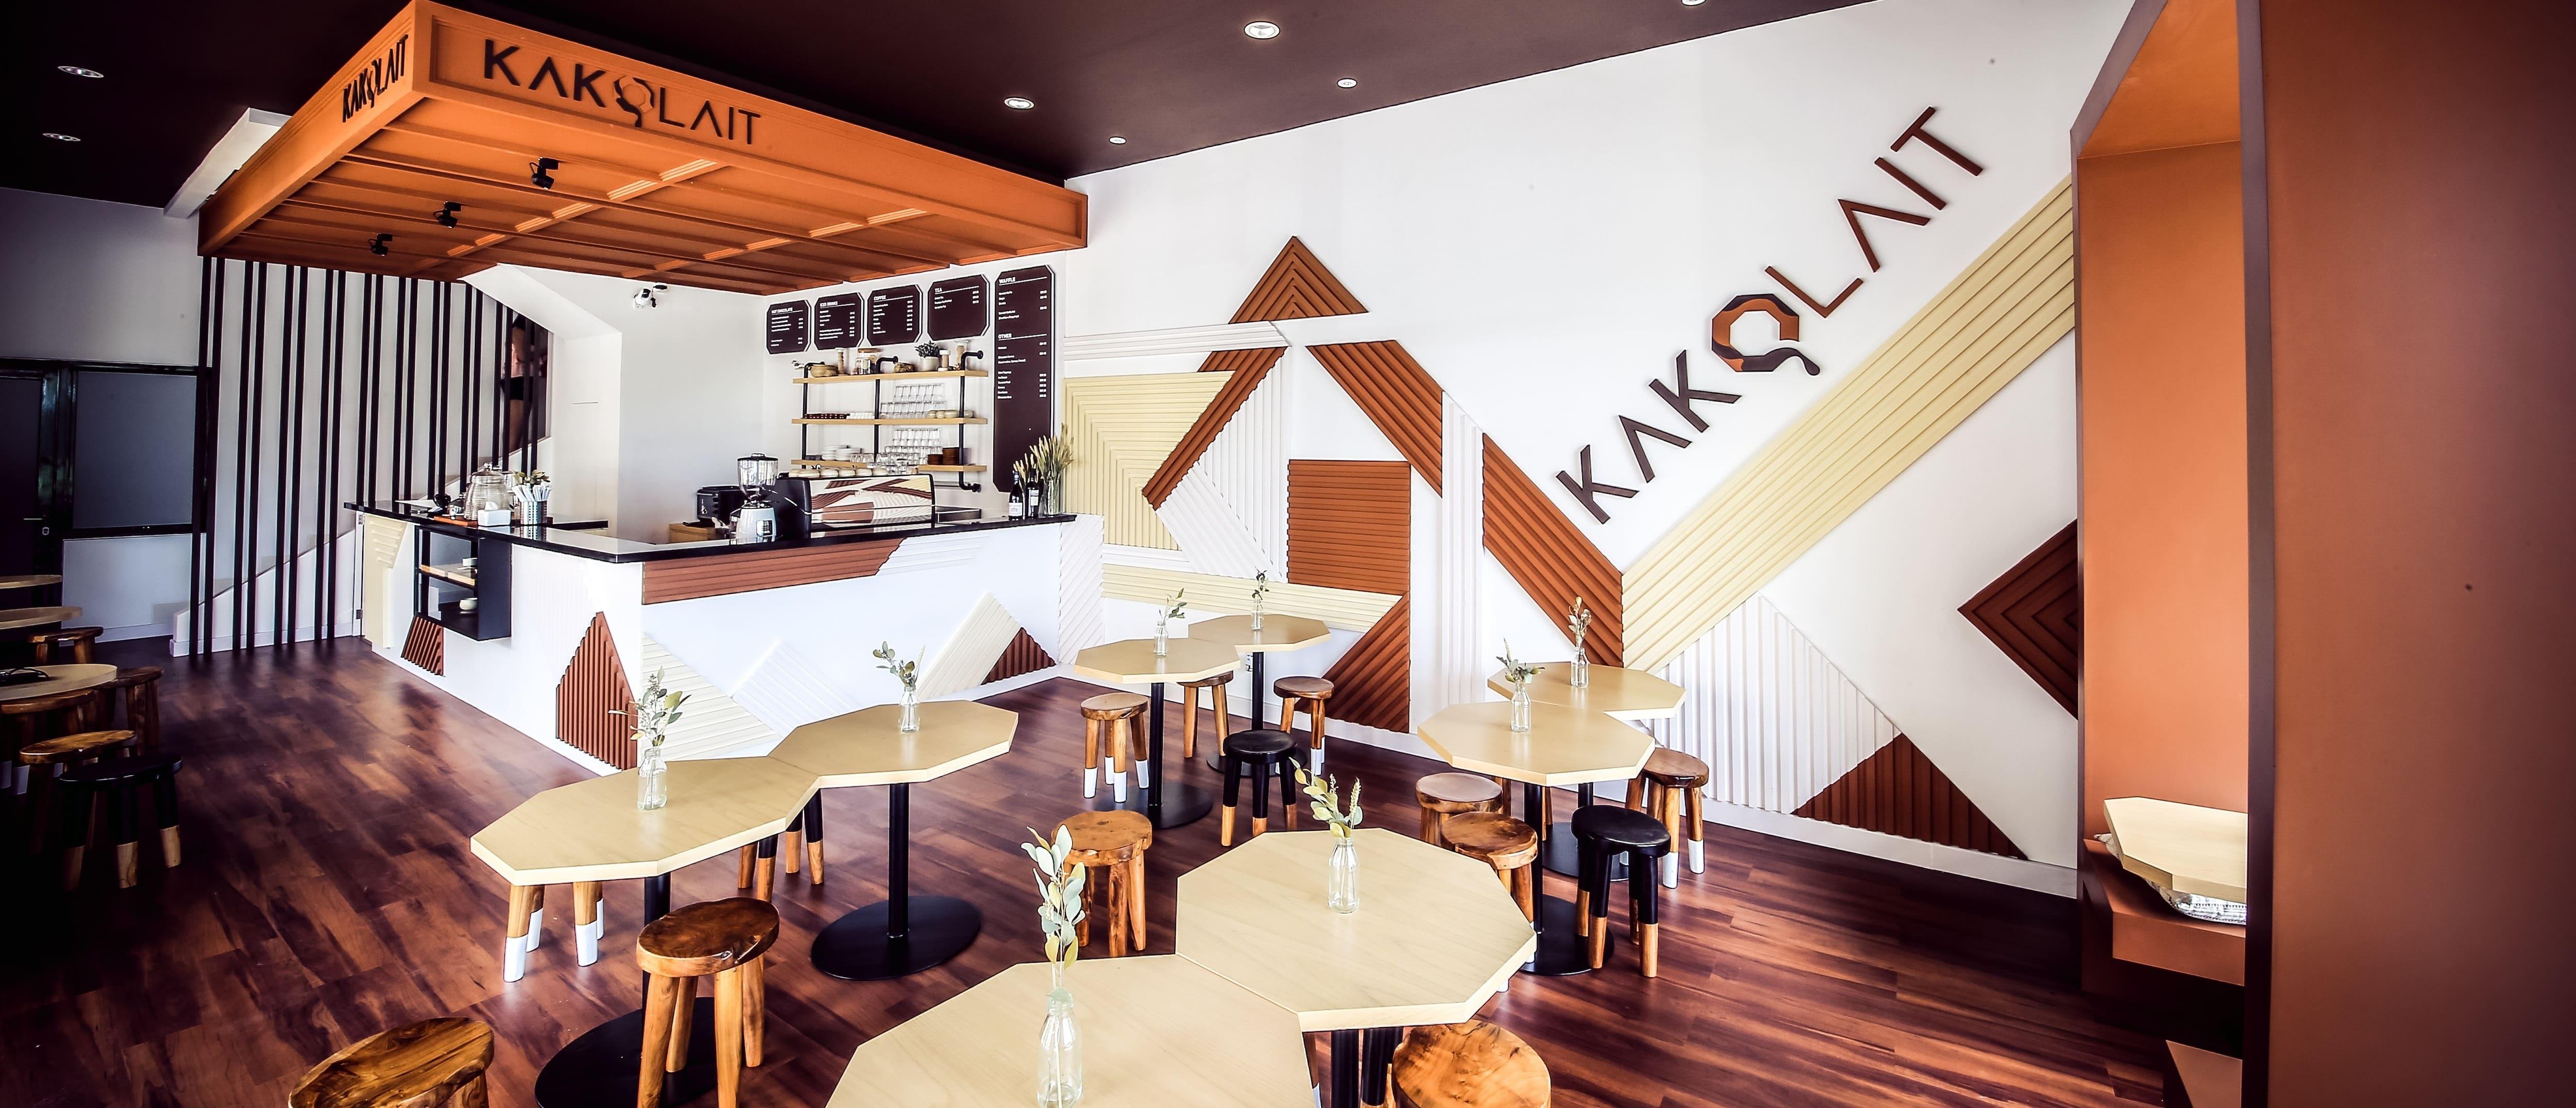 6 Cafe Di Daerah Tangerang Yang Wajib Dikunjungi